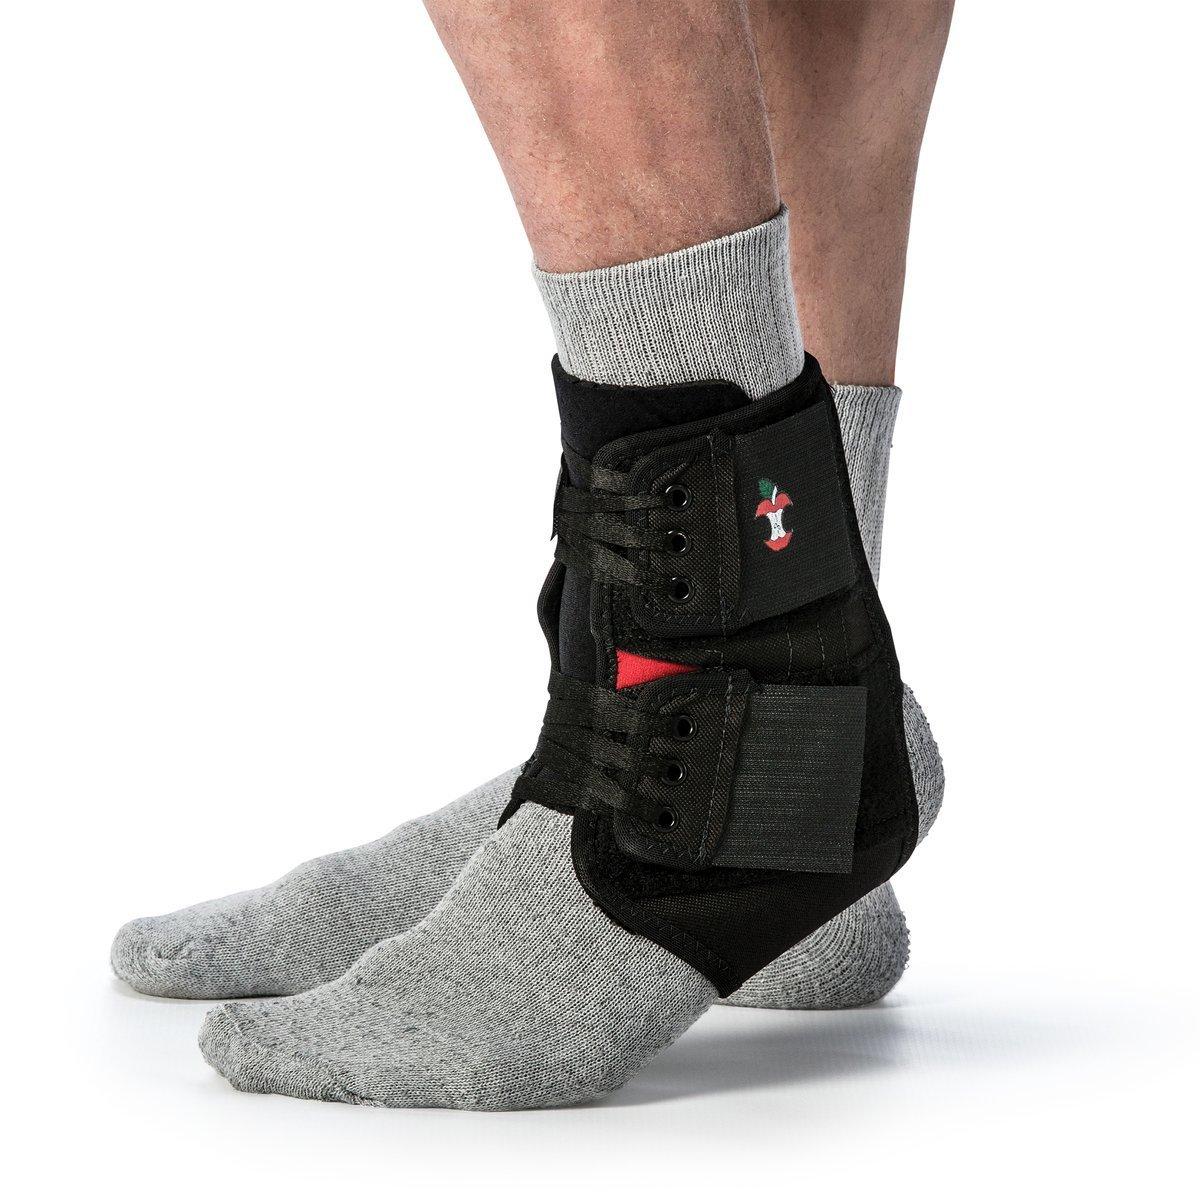 Power Wrap Ankle Brace Black-1XL Core Products